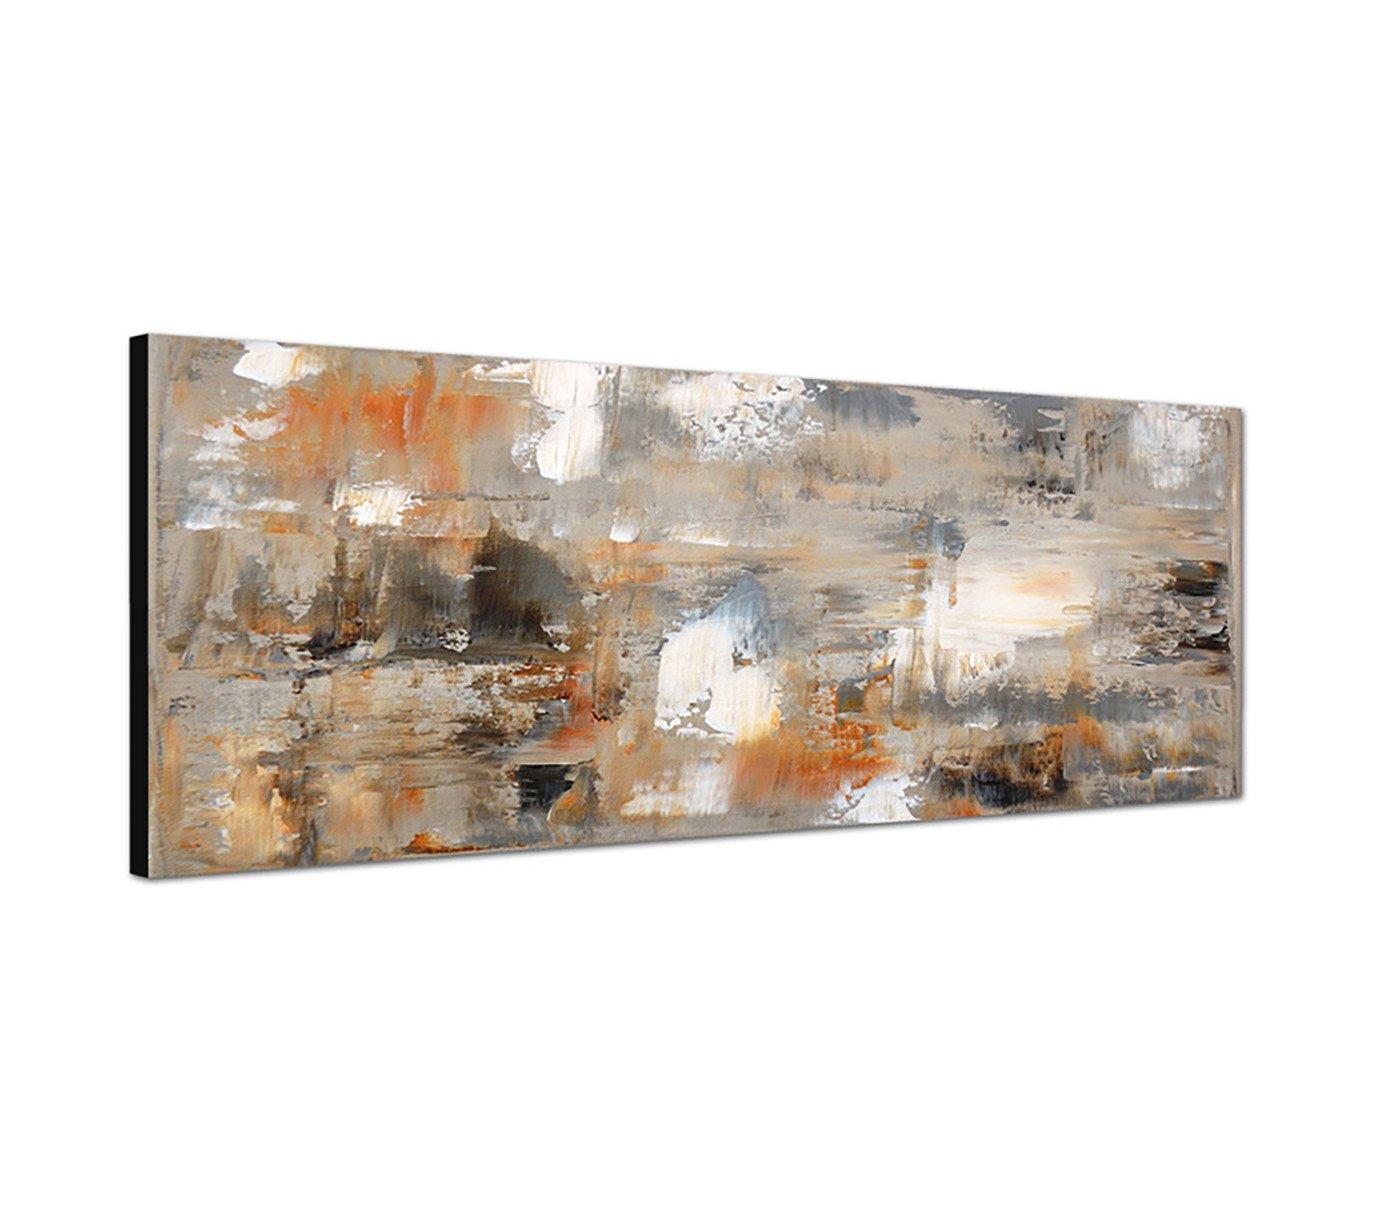 Wandbild auf Leinwand (Leinwandbild) als Panorama in 120x40 cm abstrakte Kunst-Malerei braun grau abstrakt in tollen Farben und immer ein Hinkucker ! Best for Home